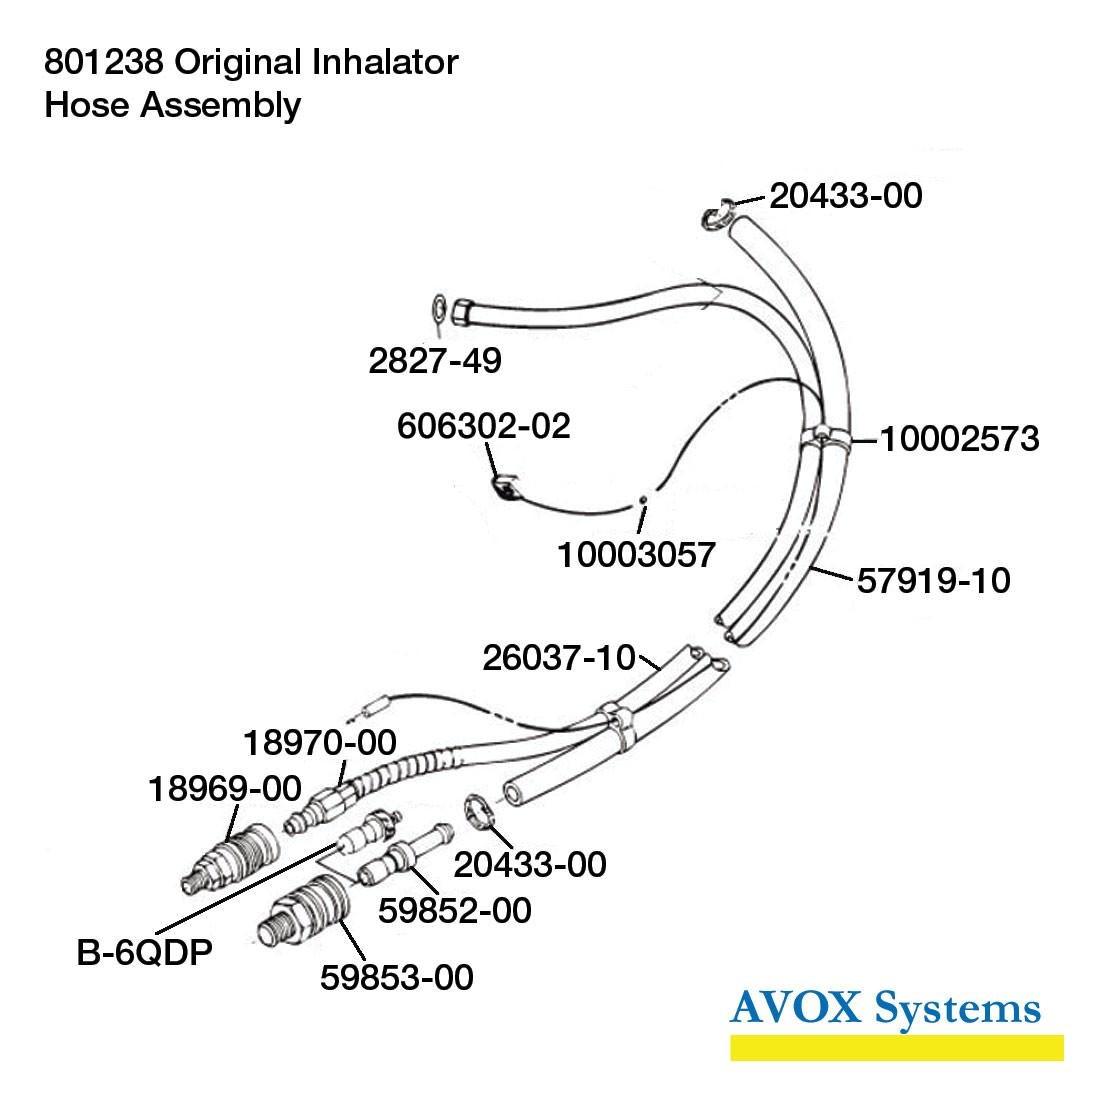 801238 Hose Assembly - Spares